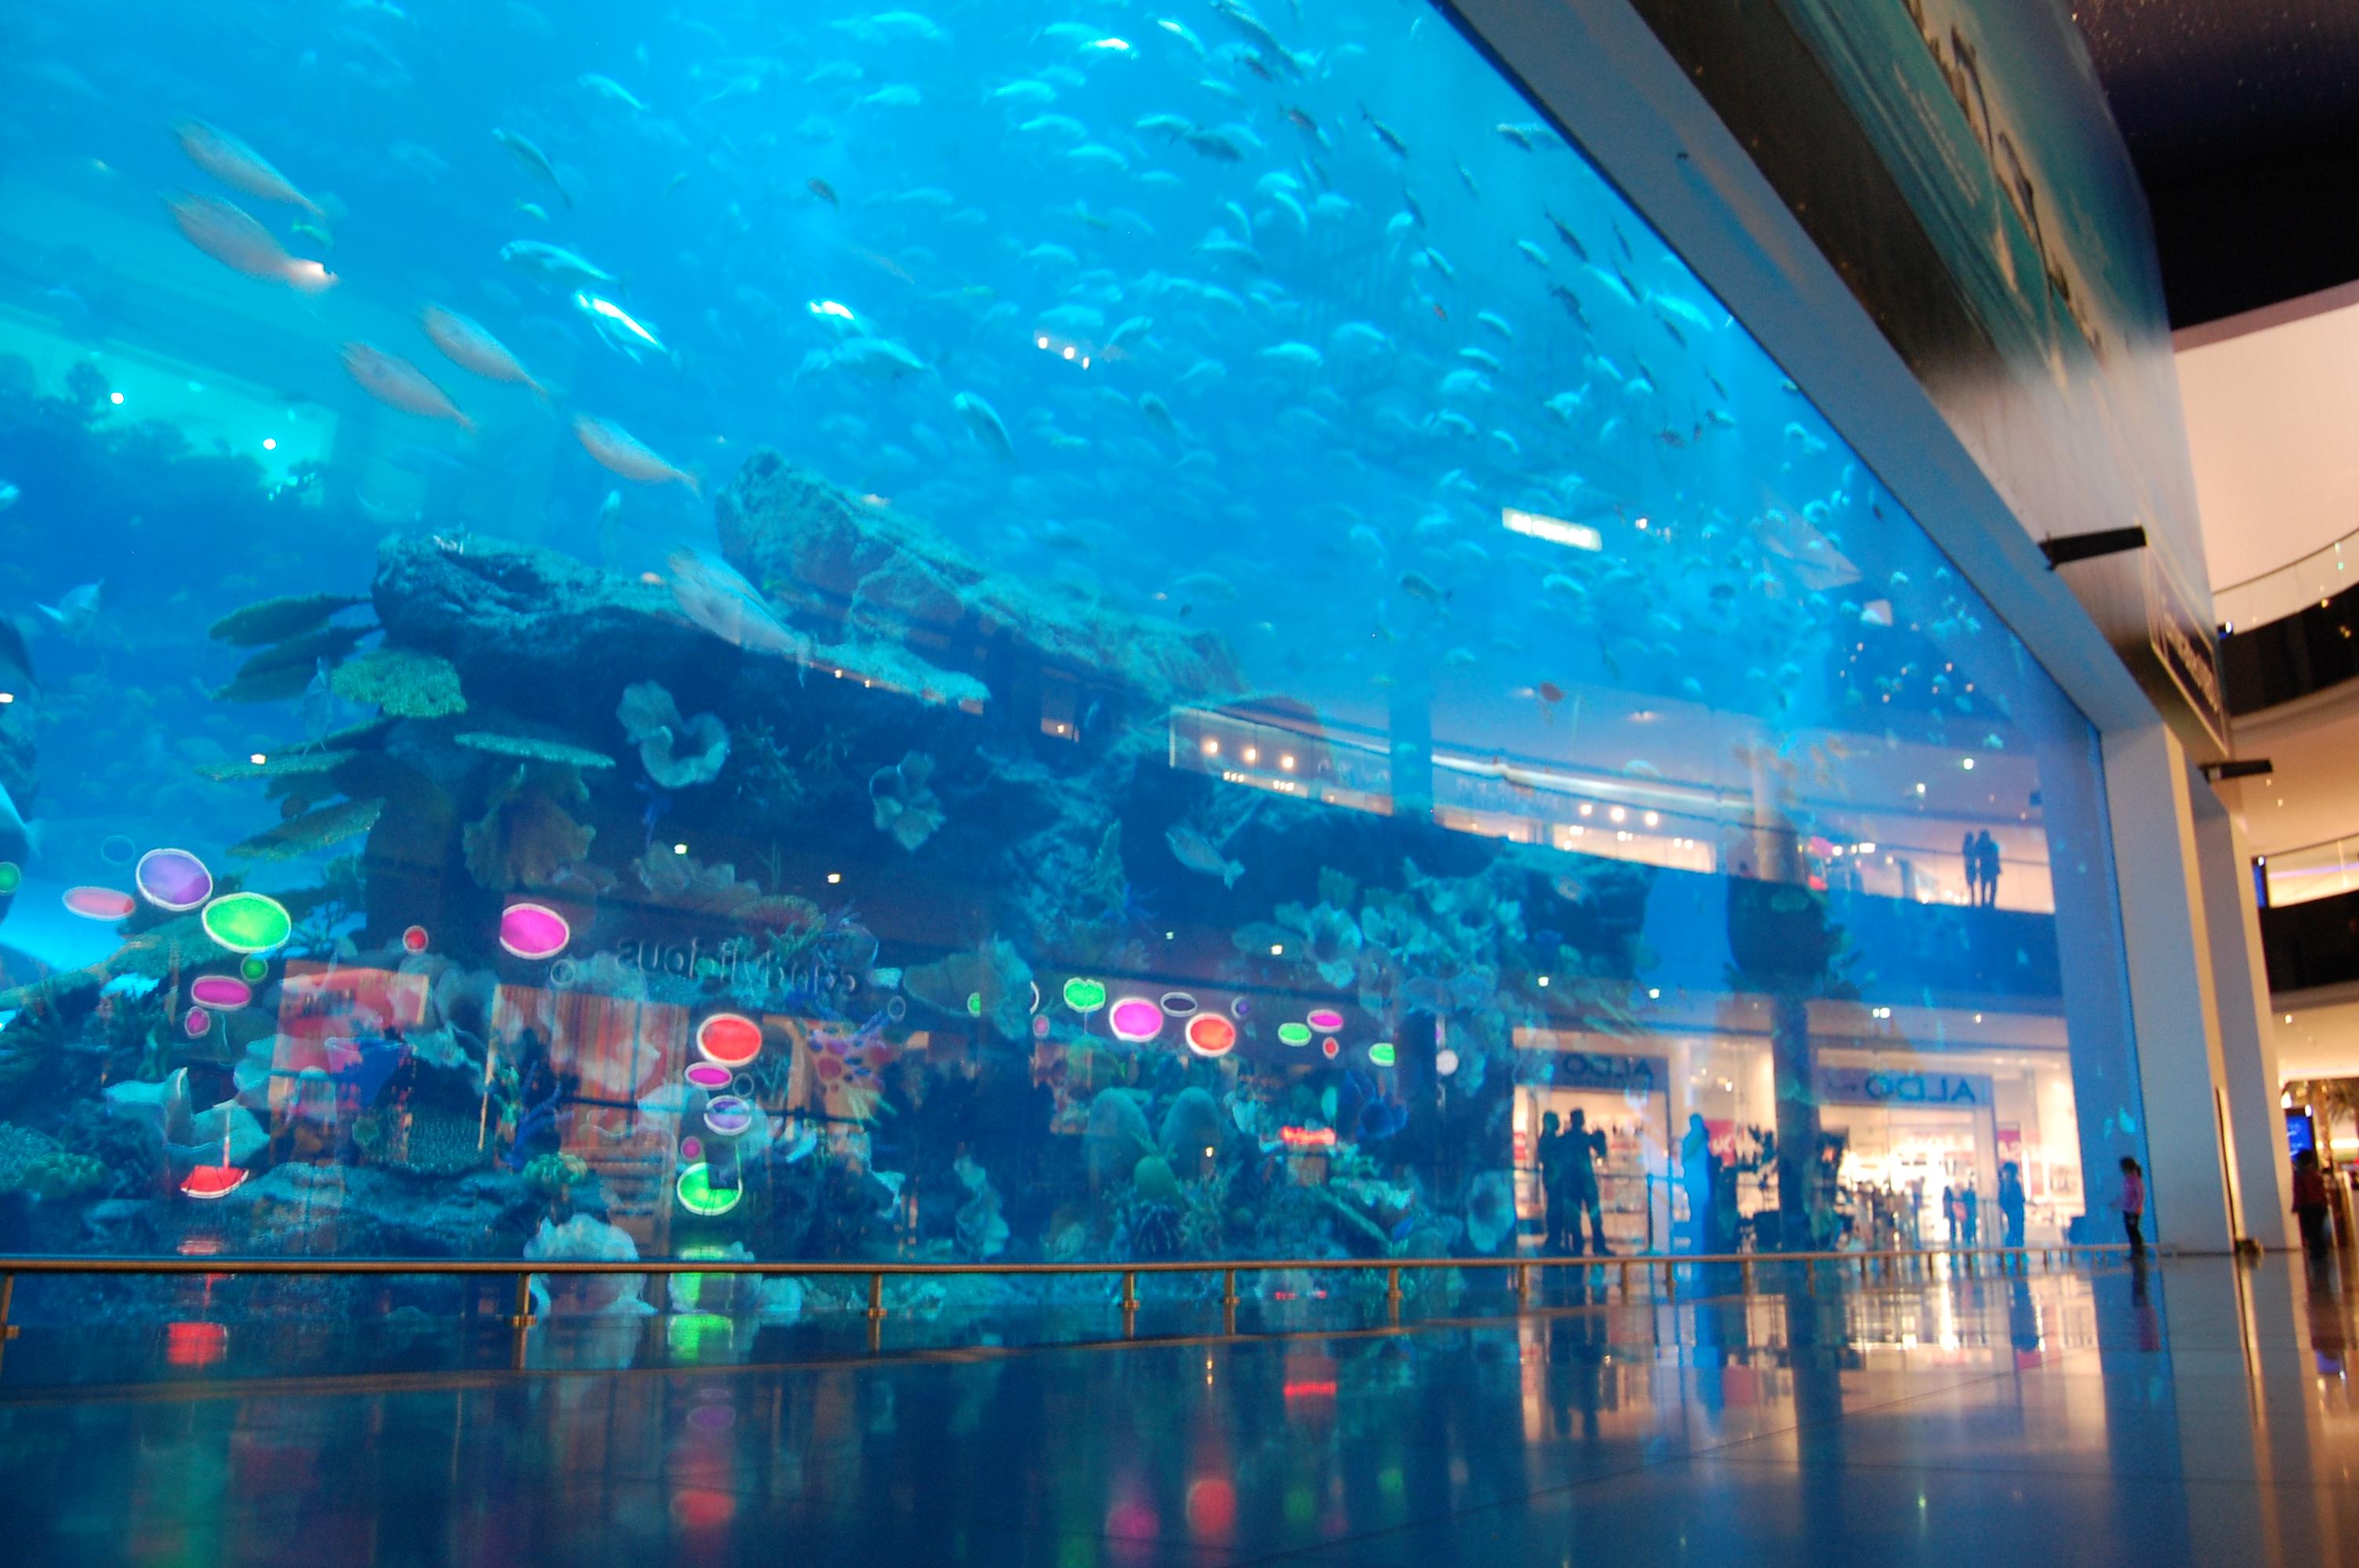 Dubai Aquarium Underwater Zoo Is One Of The Largest